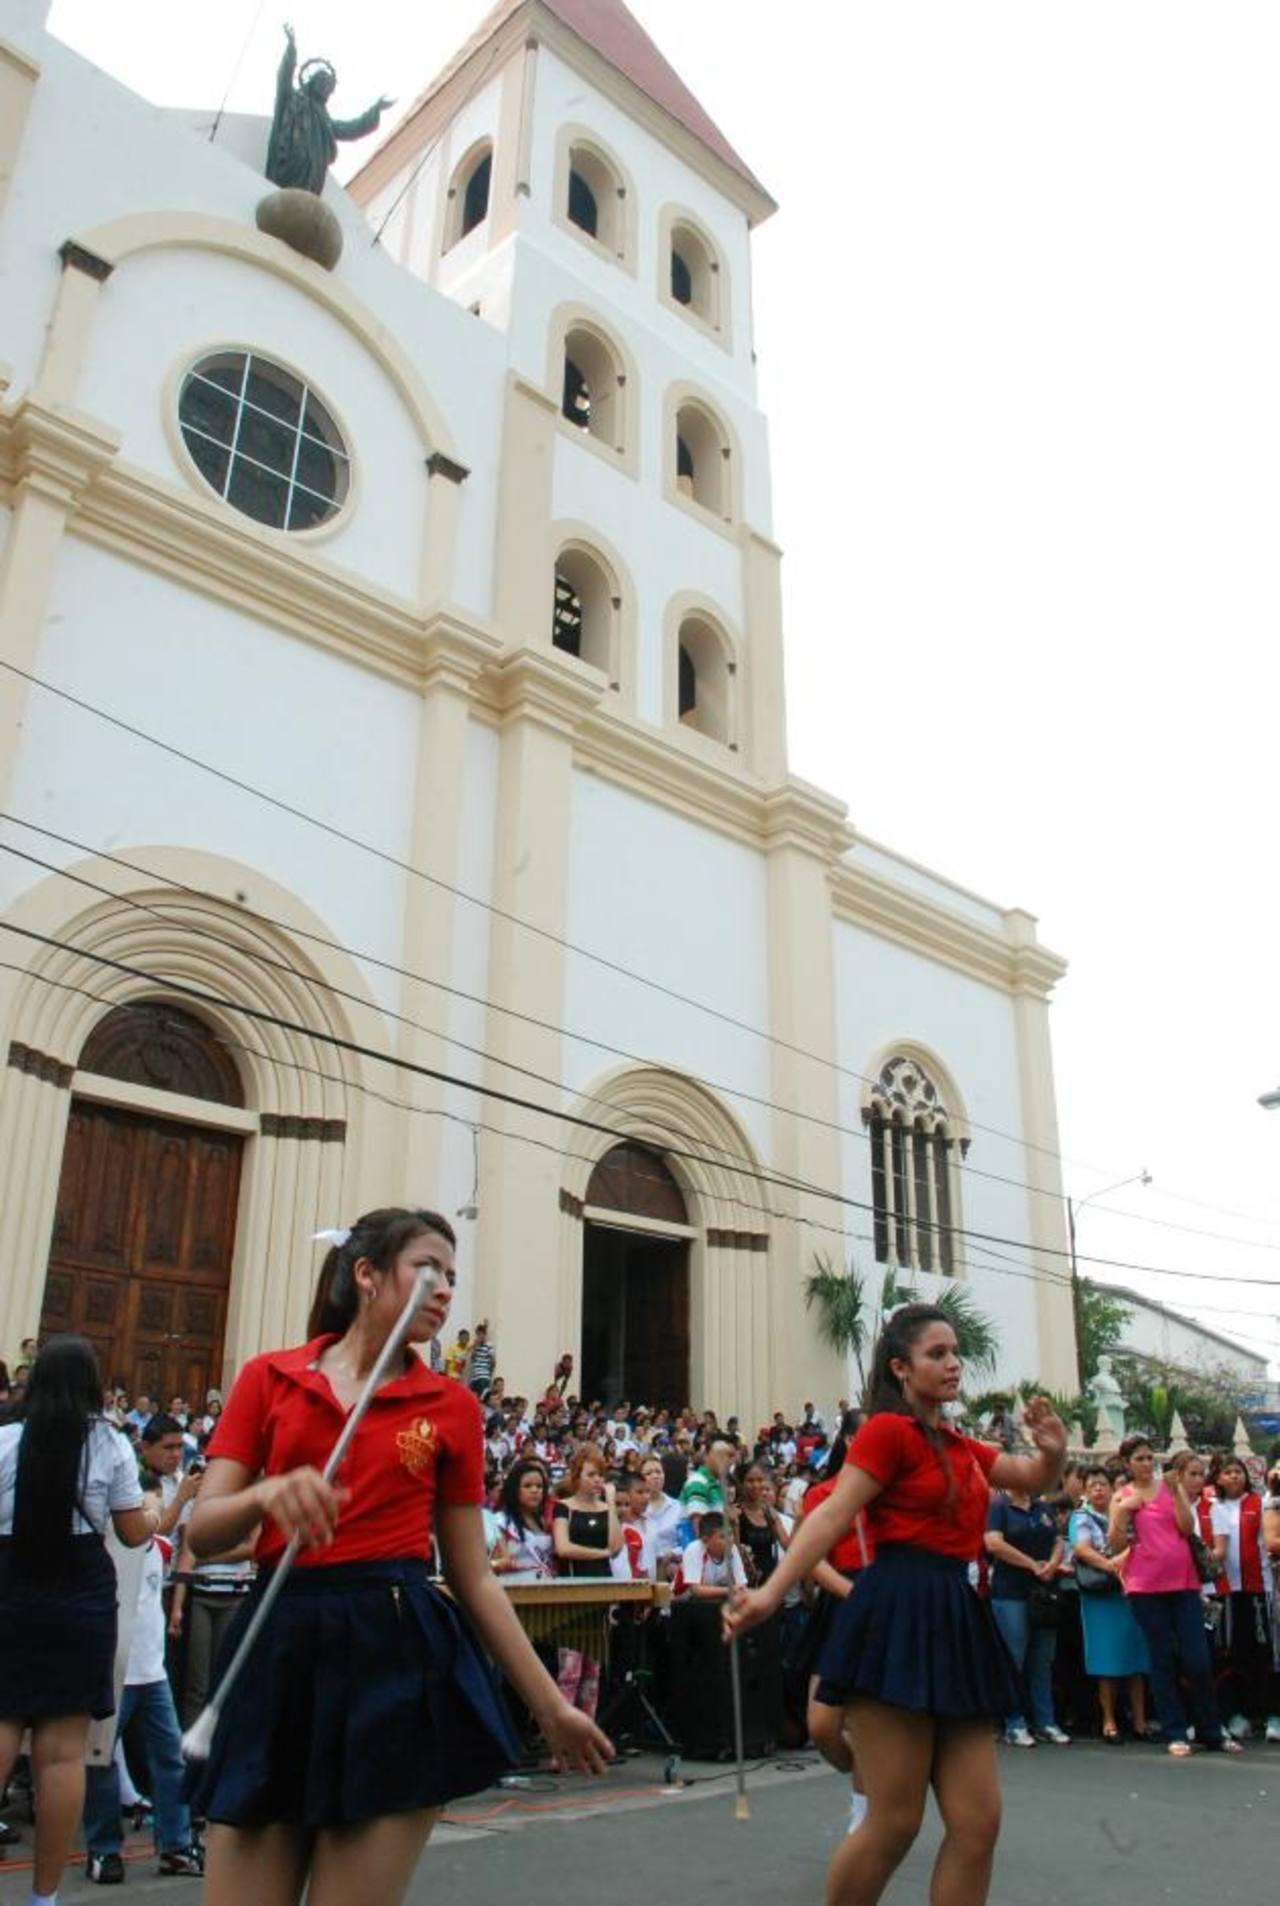 Bandas musicales de instituciones educativas animaron el cumpleaños 483 de la ciudad. Fotos EDH / carlos segovia